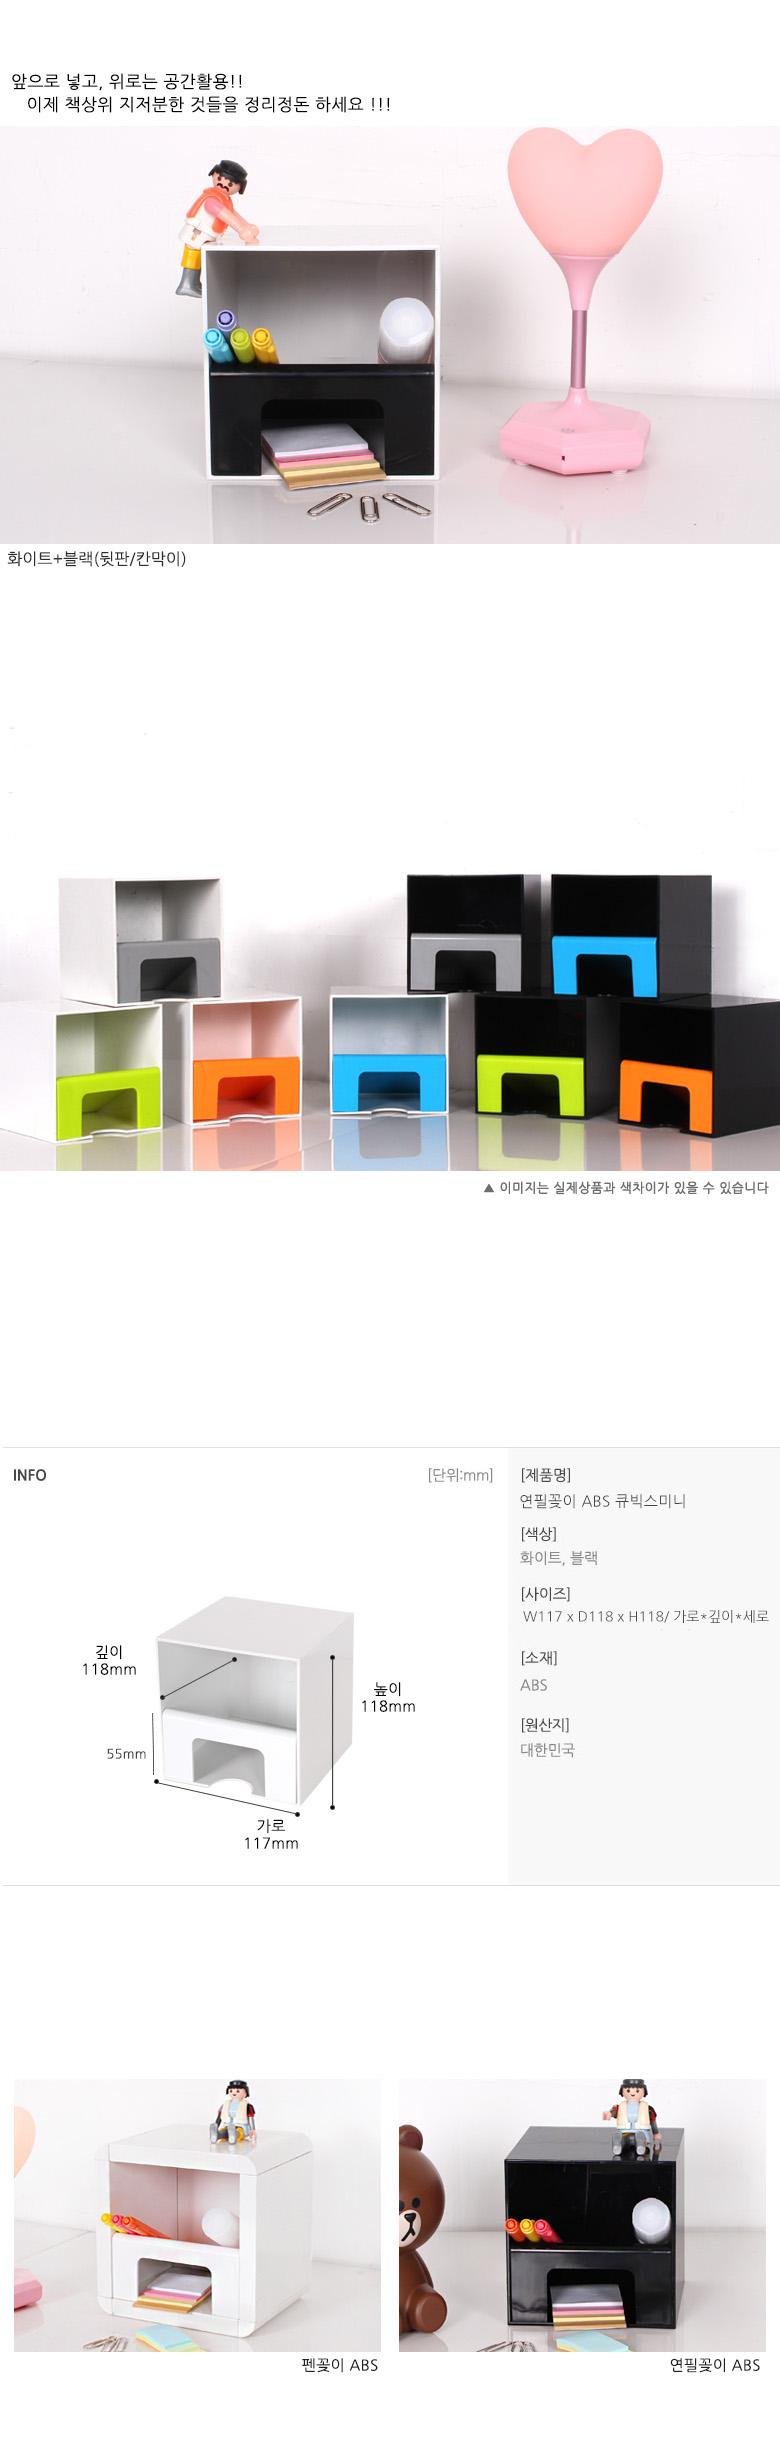 연필꽂이 ABS - 큐빅스미니, 4,600원, 데스크정리, 필기구 홀더